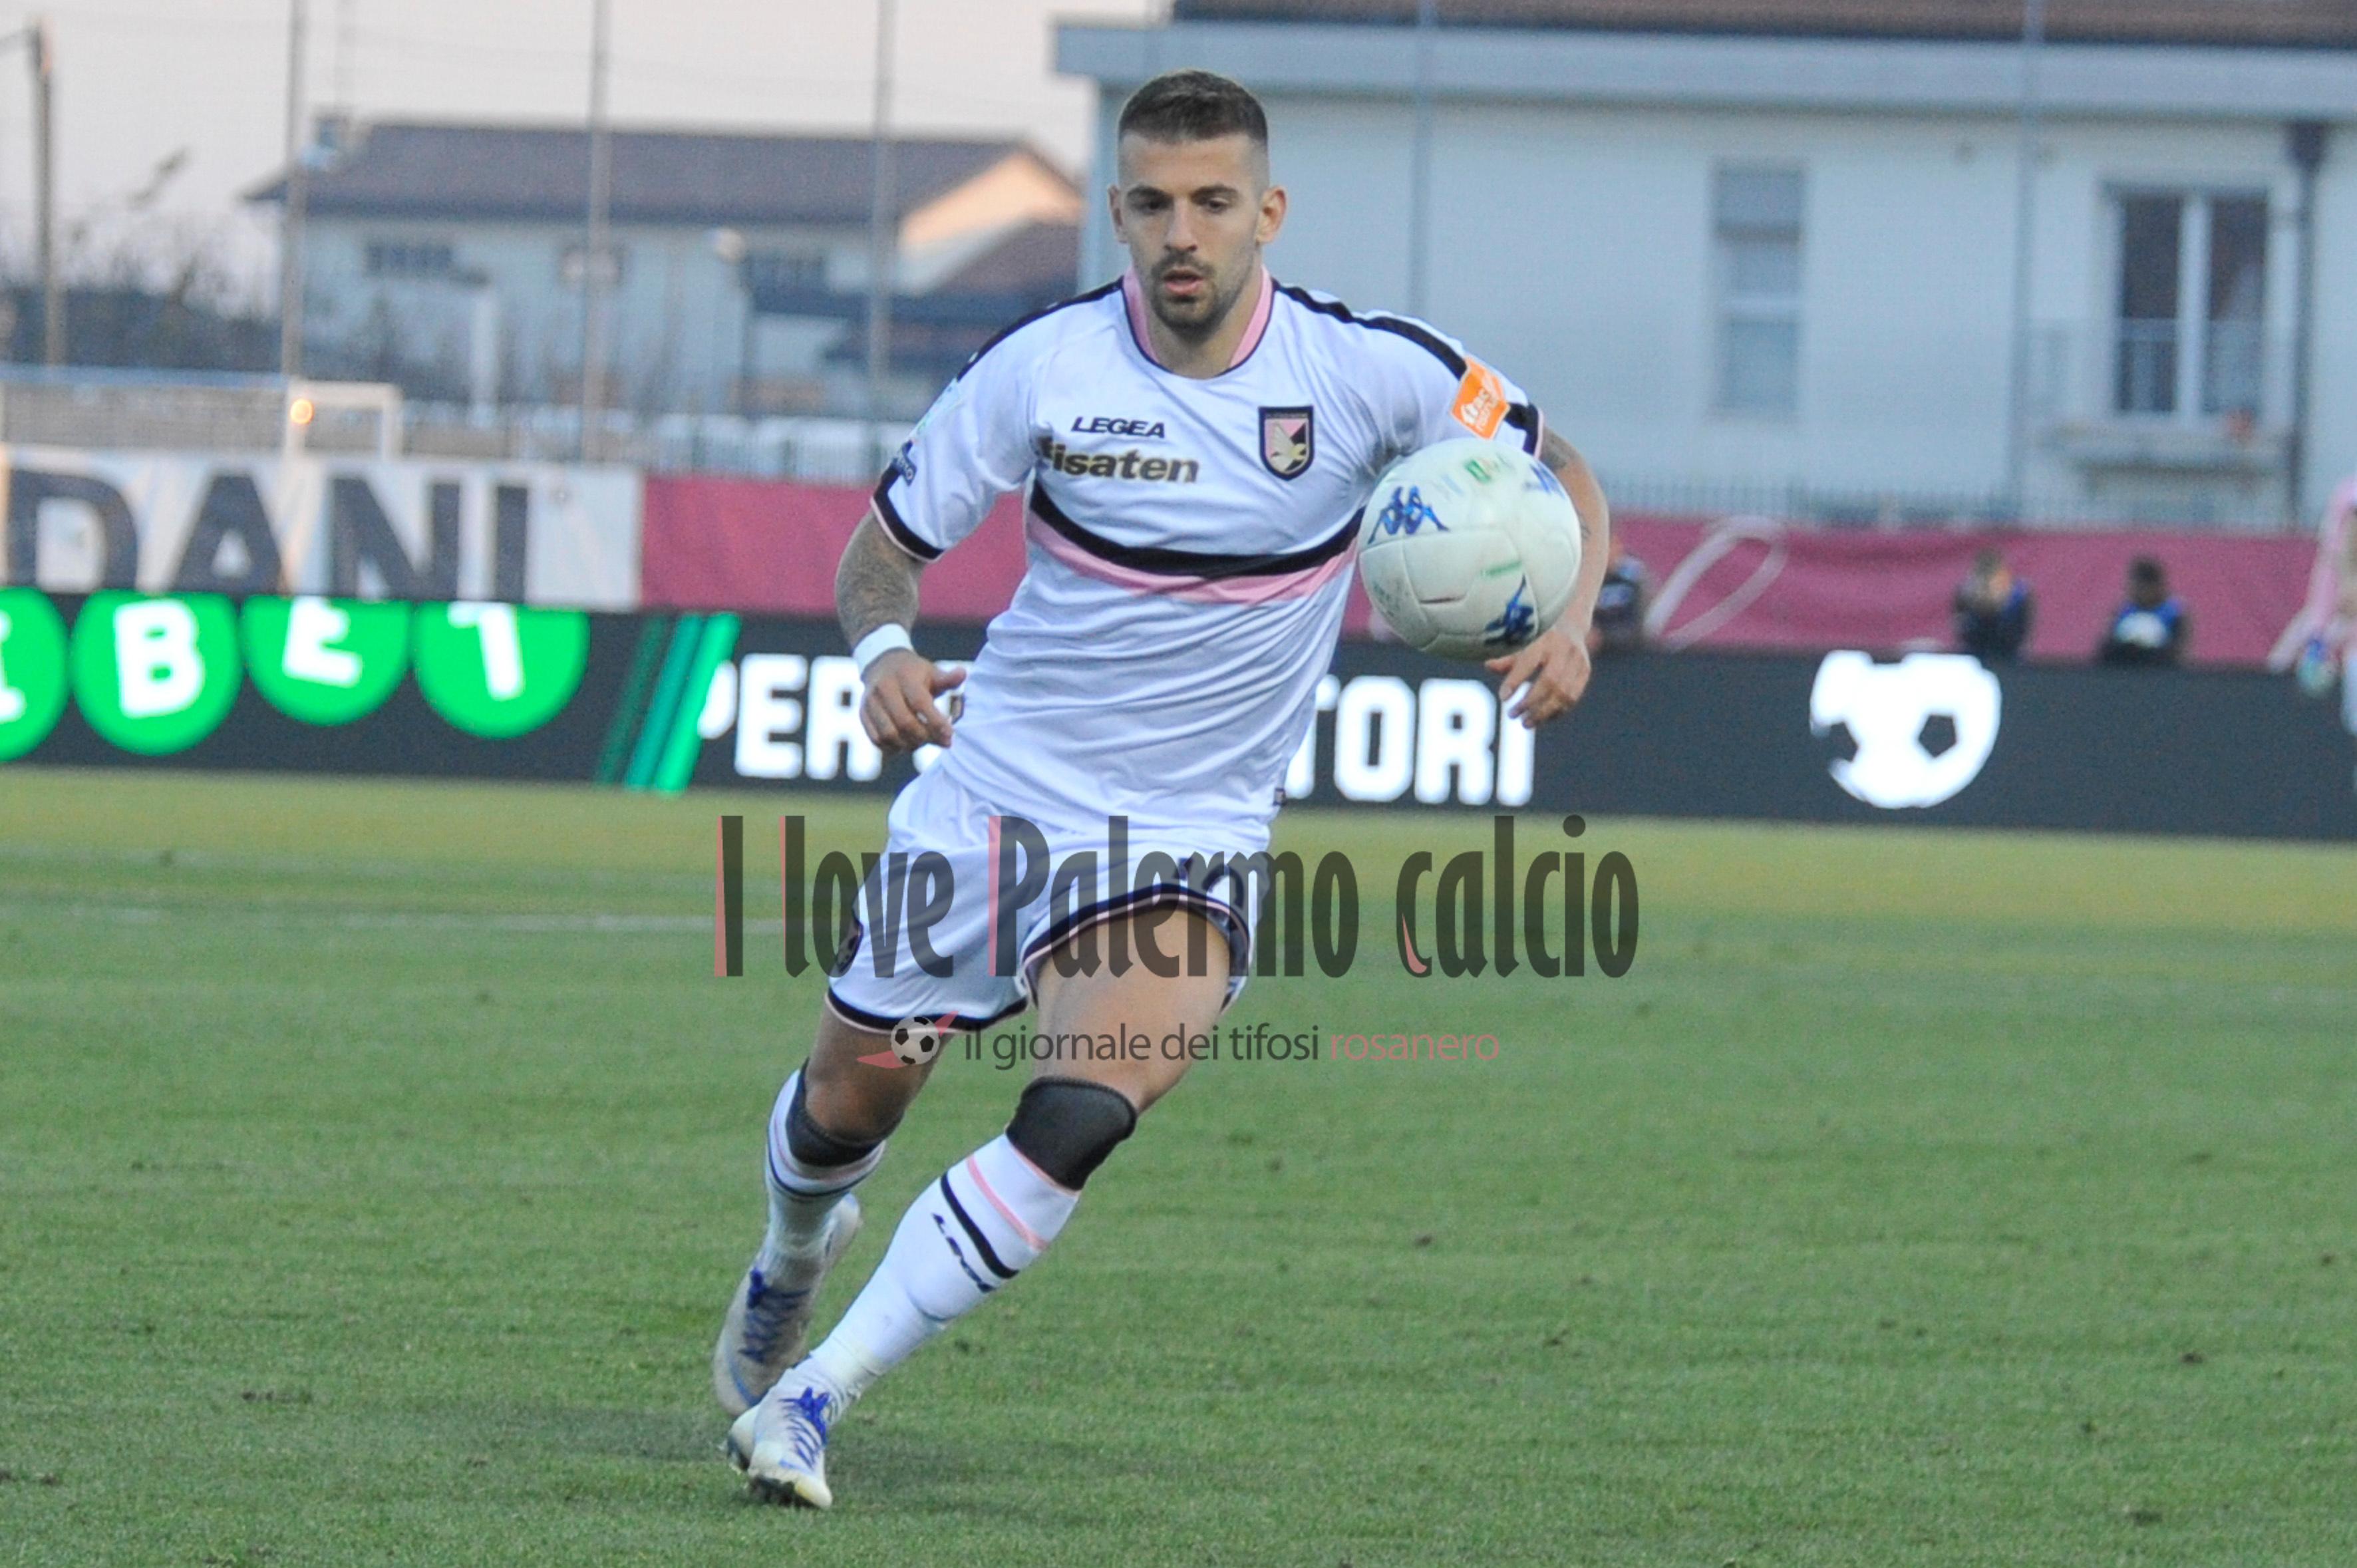 Cittadella vs Palermo trajkovski